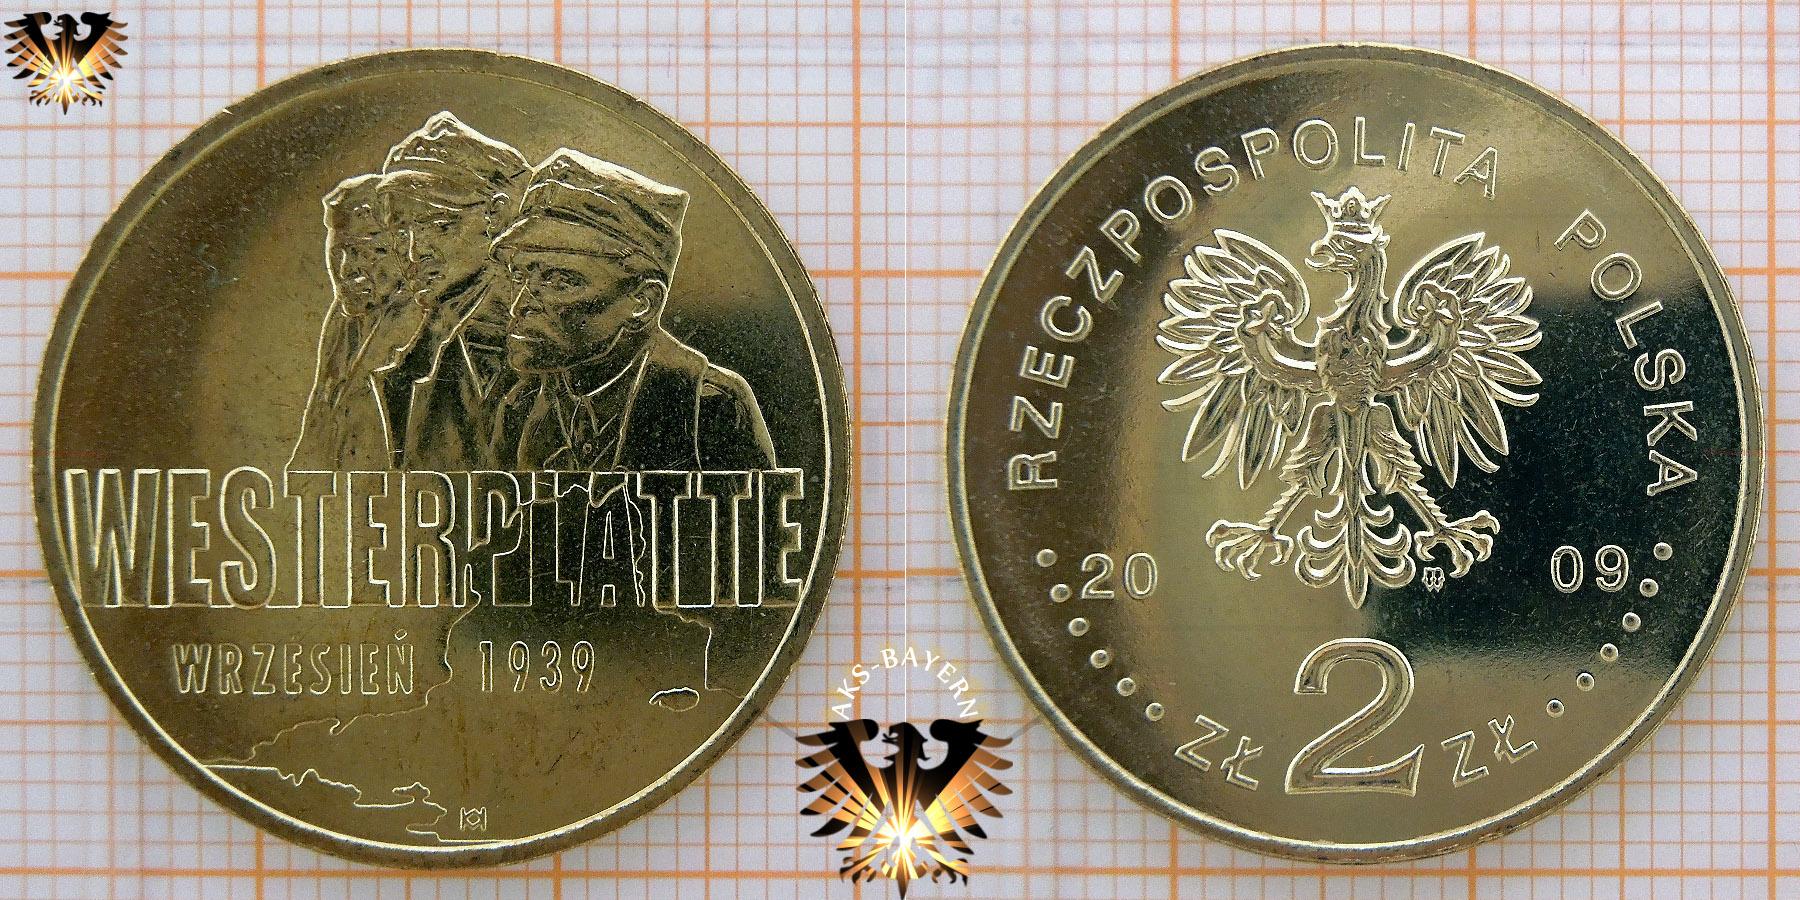 Münze 2 Złote Polen 2009 Westerplatte Septemper 1939 Mit